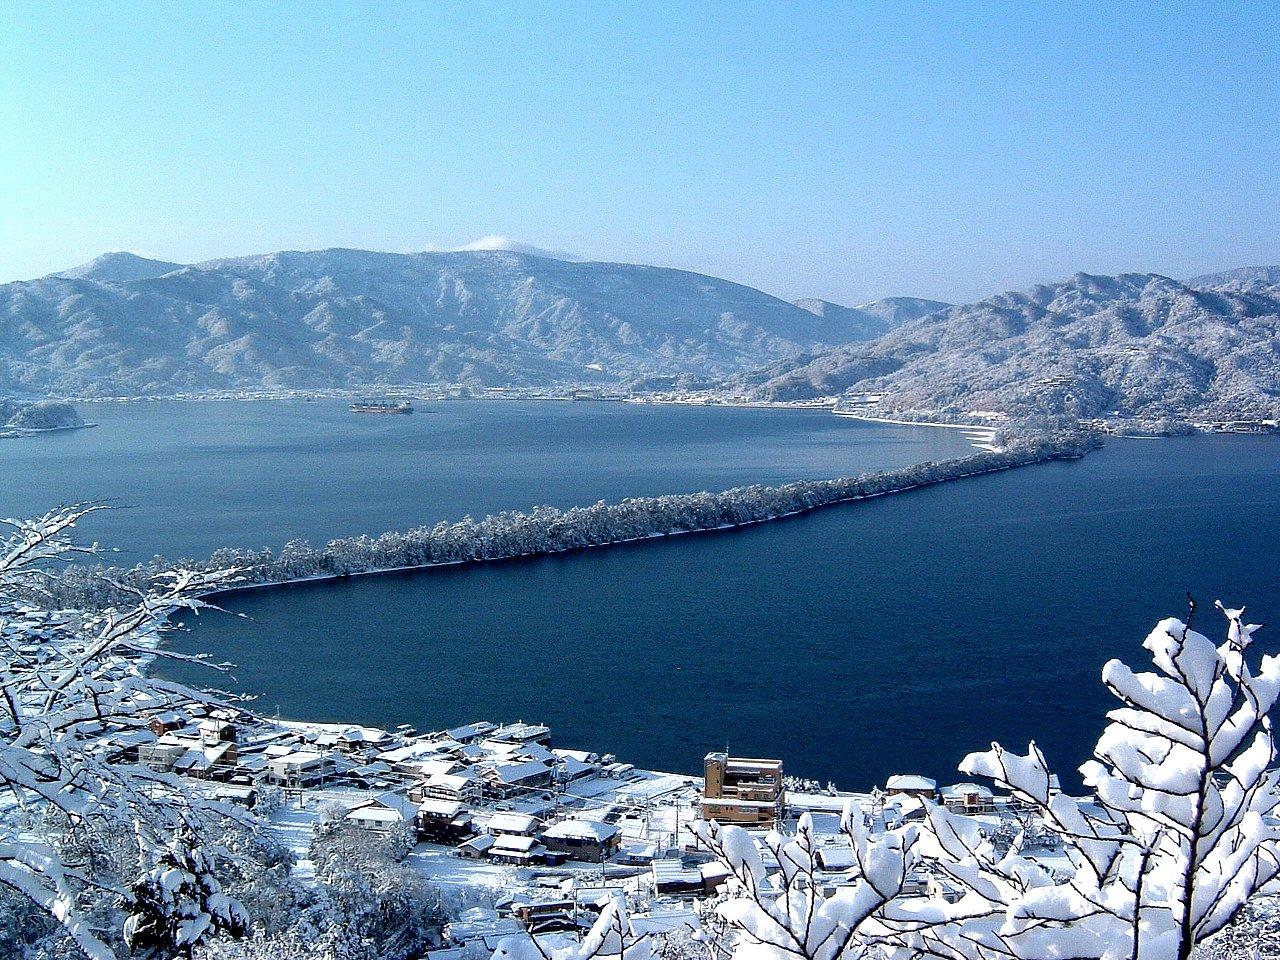 「天橋立」 昇龍観 雪